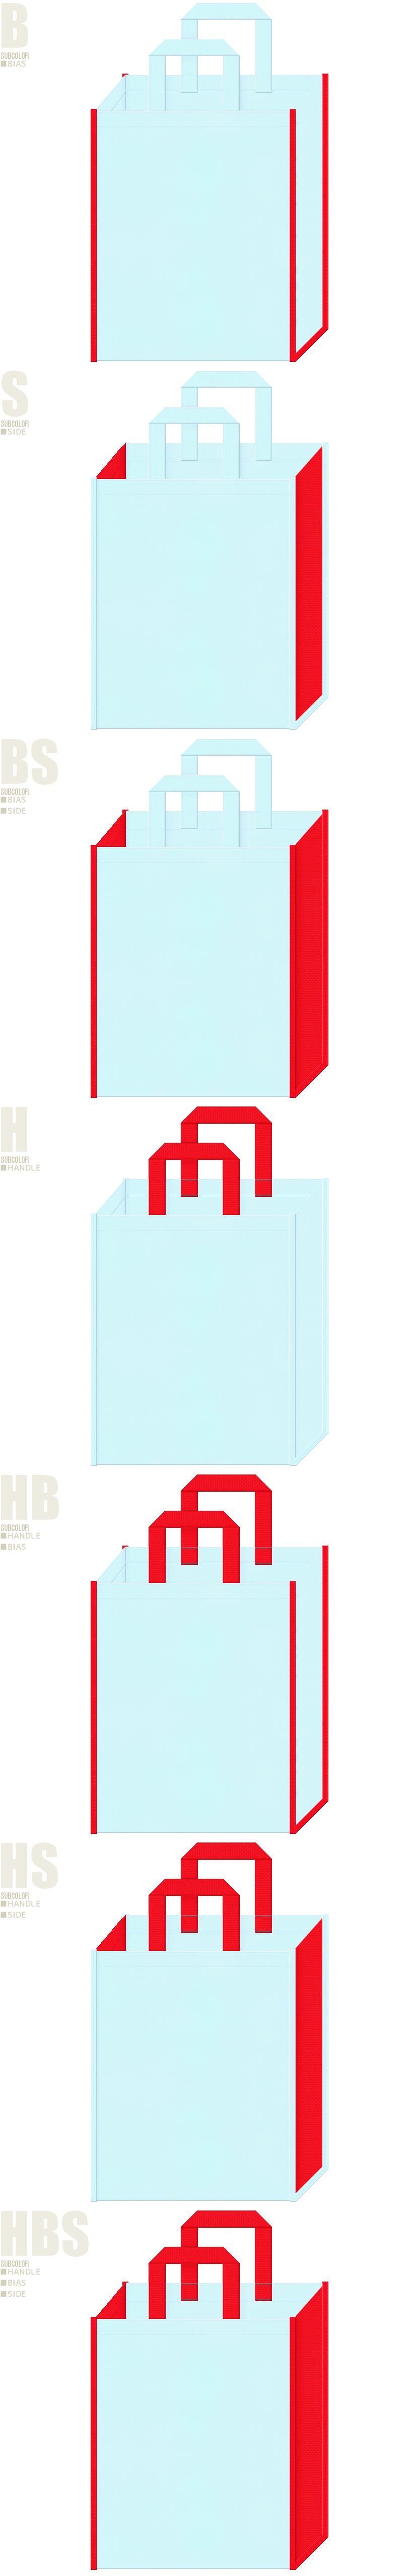 夏祭りのバッグノベルティにお奨めの、水色と赤色-7パターンの不織布トートバッグ配色デザイン例。風鈴・ガラス細工・金魚のイメージに。